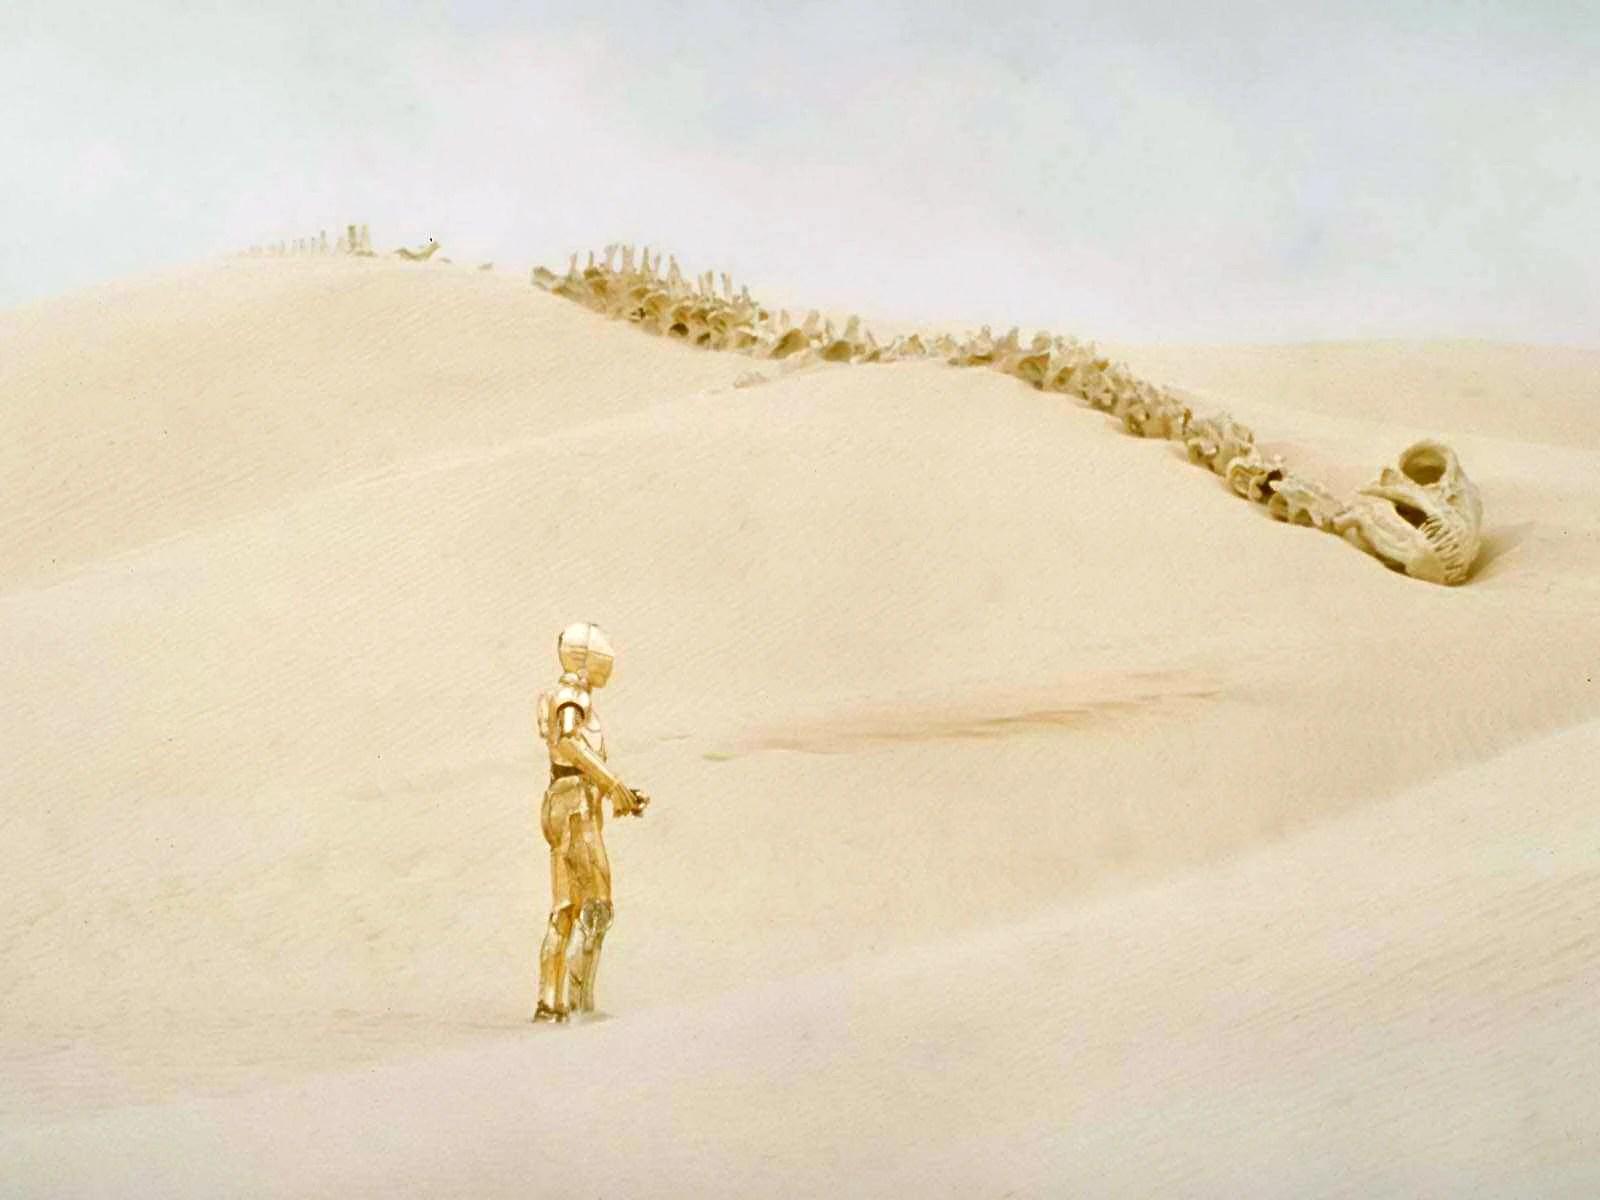 Star Destroyer Crashes on Tatooine Crashed Star Destroyer…